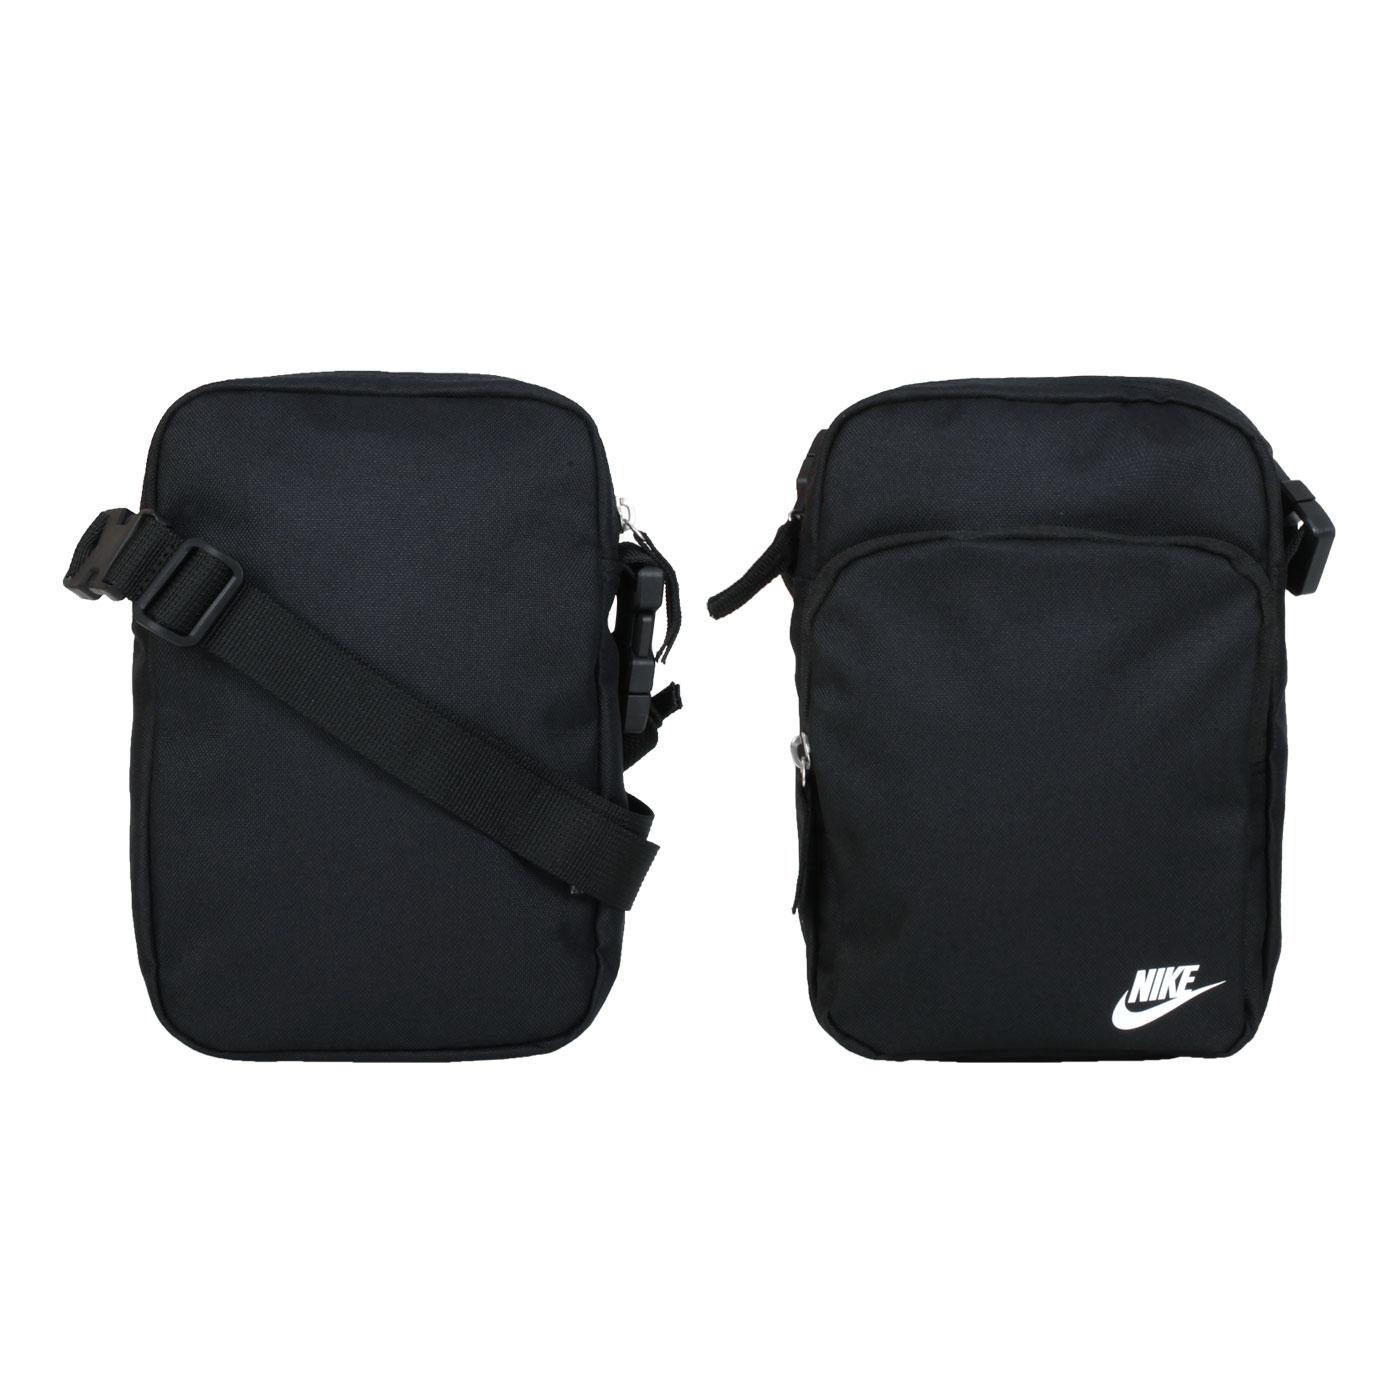 NIKE 小型斜背包 DB0456-010 - 黑白